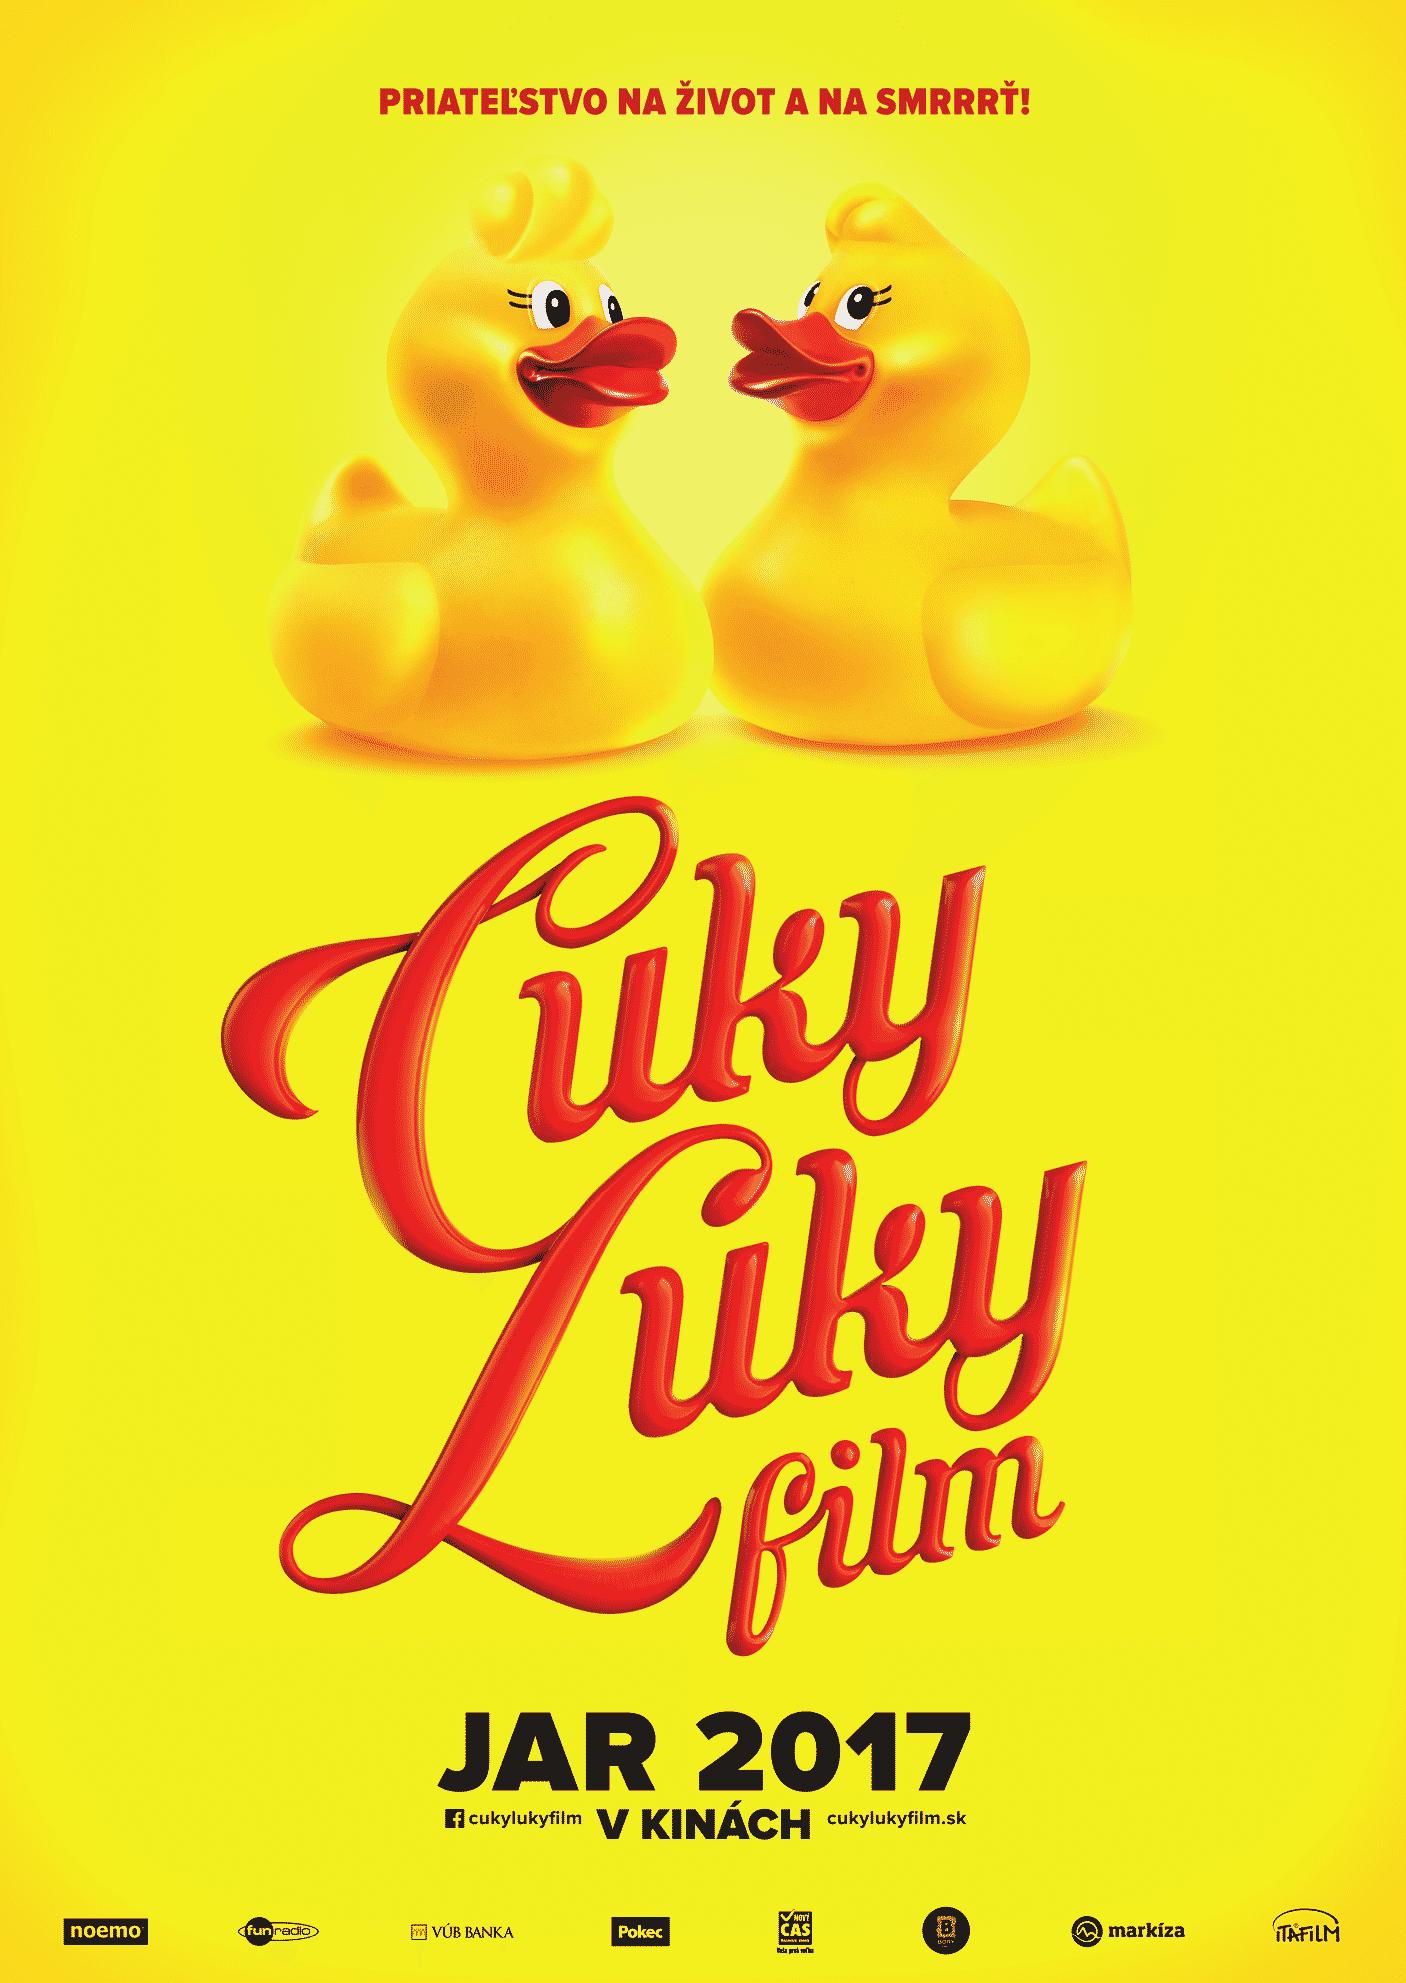 Oficiálny plagát pre Cuky Luky film; Zdroj: Itafilm.sk